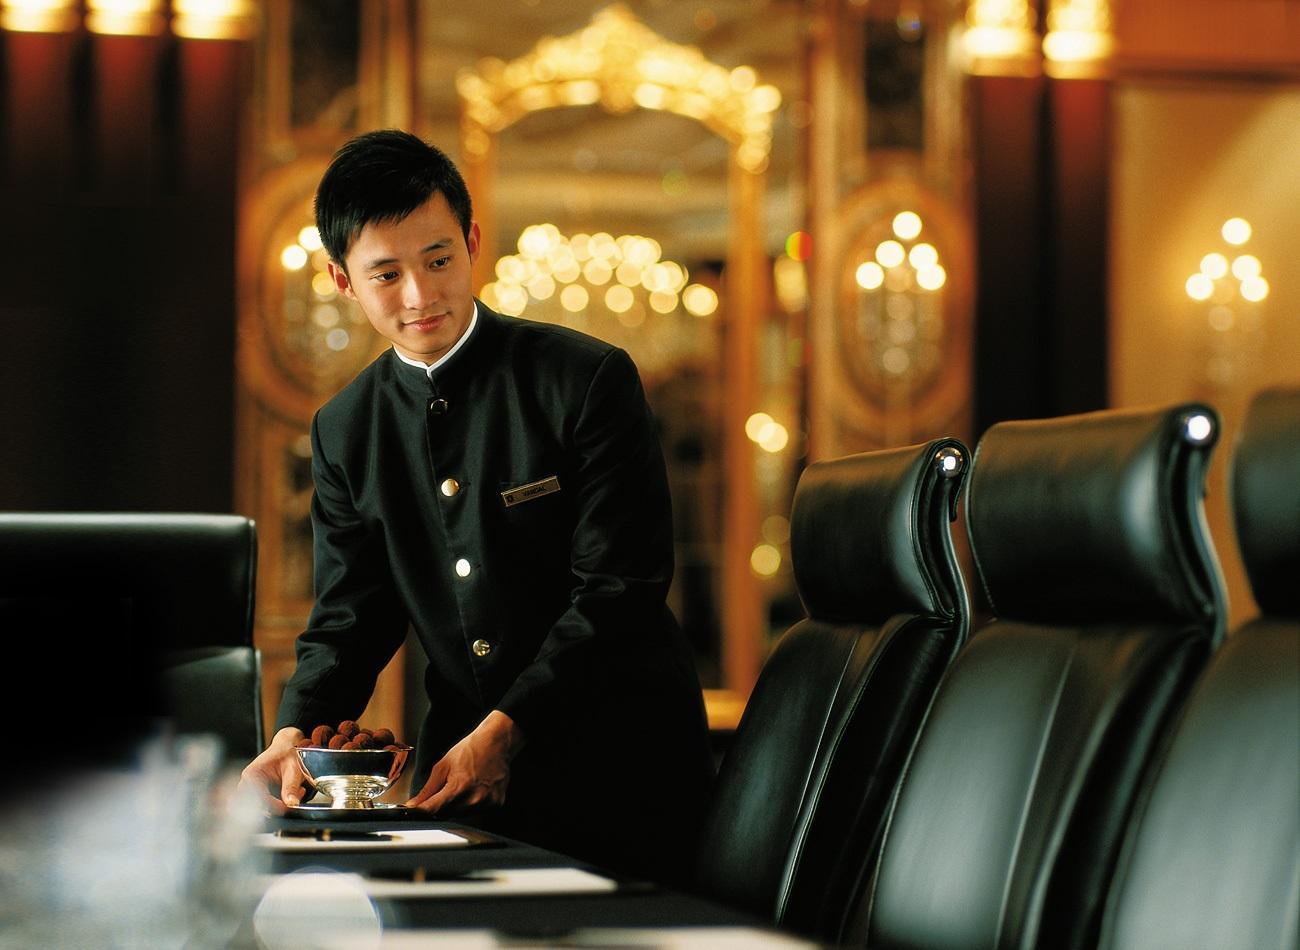 Kết quả hình ảnh cho tuyển dụng nhân sự khách sạn